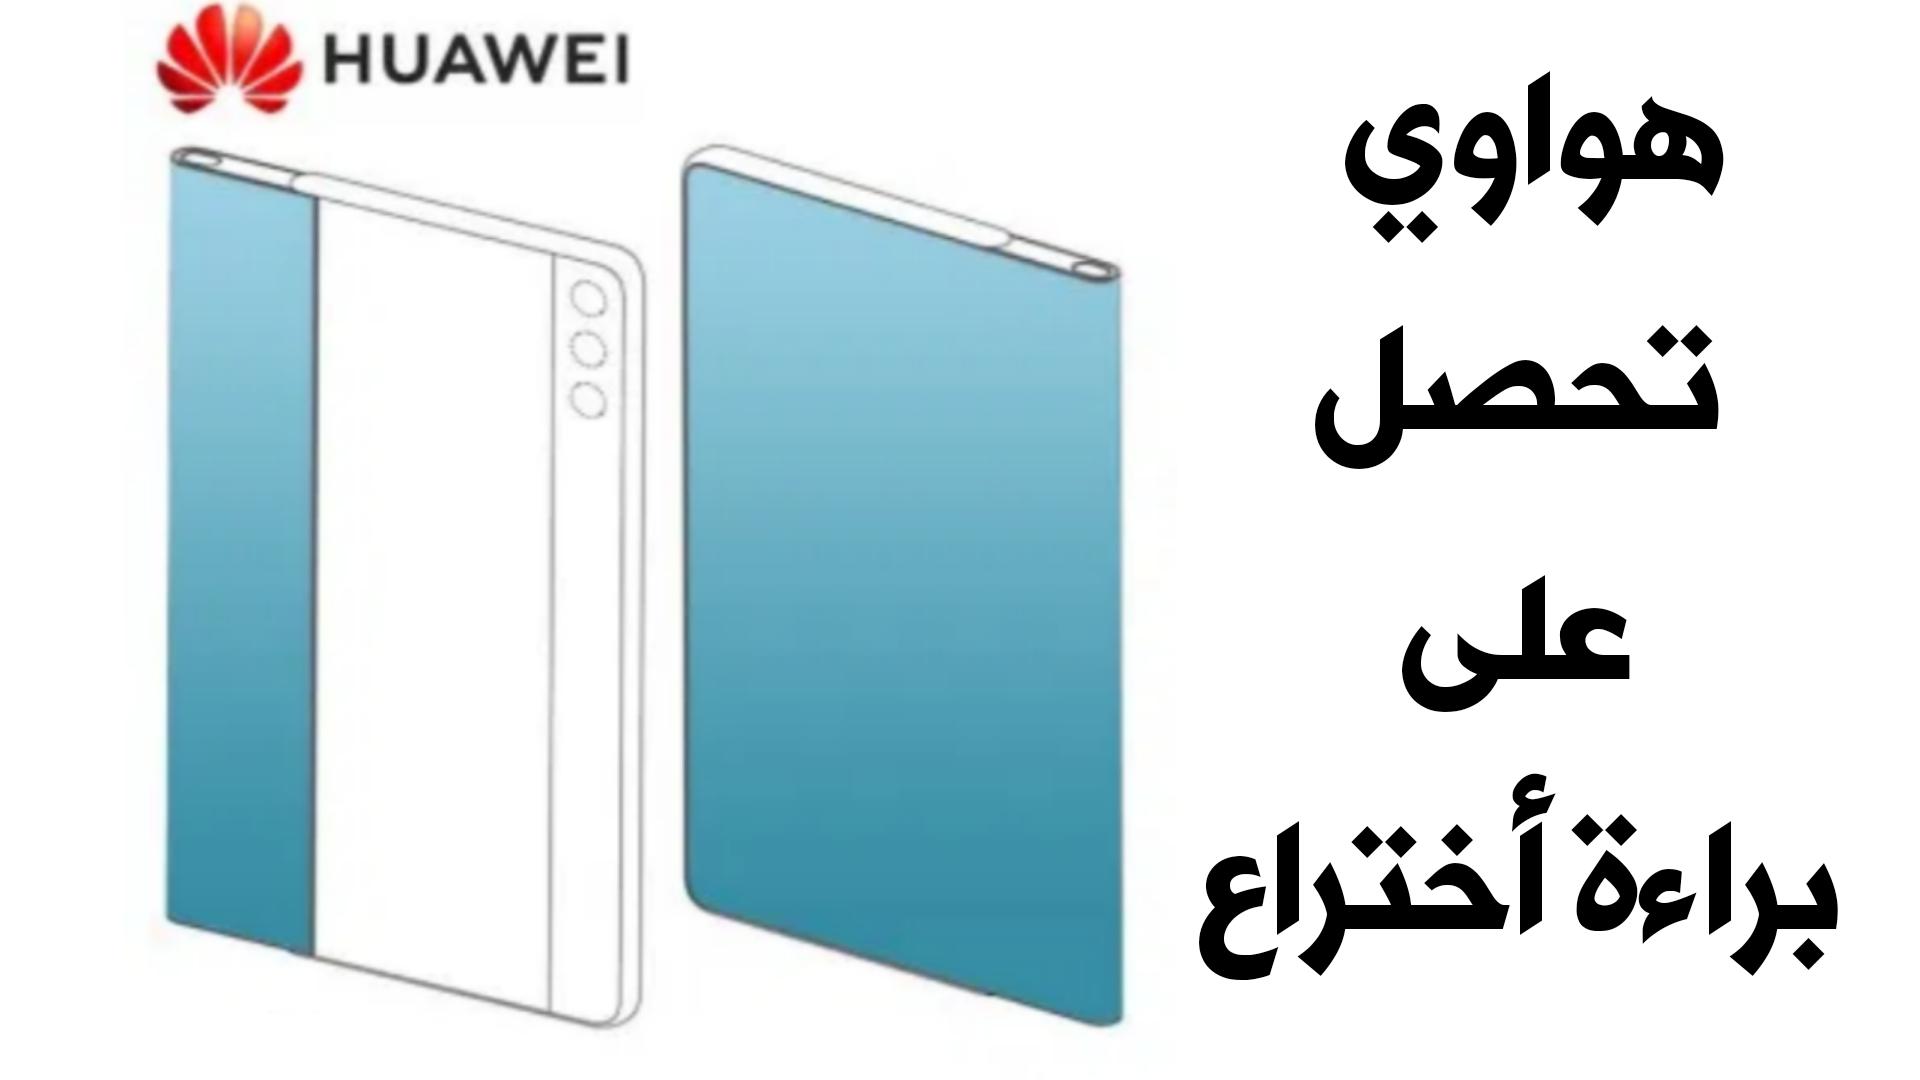 شركة Huawei تحصل على براءة أختراع لهاتف جديد بشاشة قابلة للسحب وليس للطي !